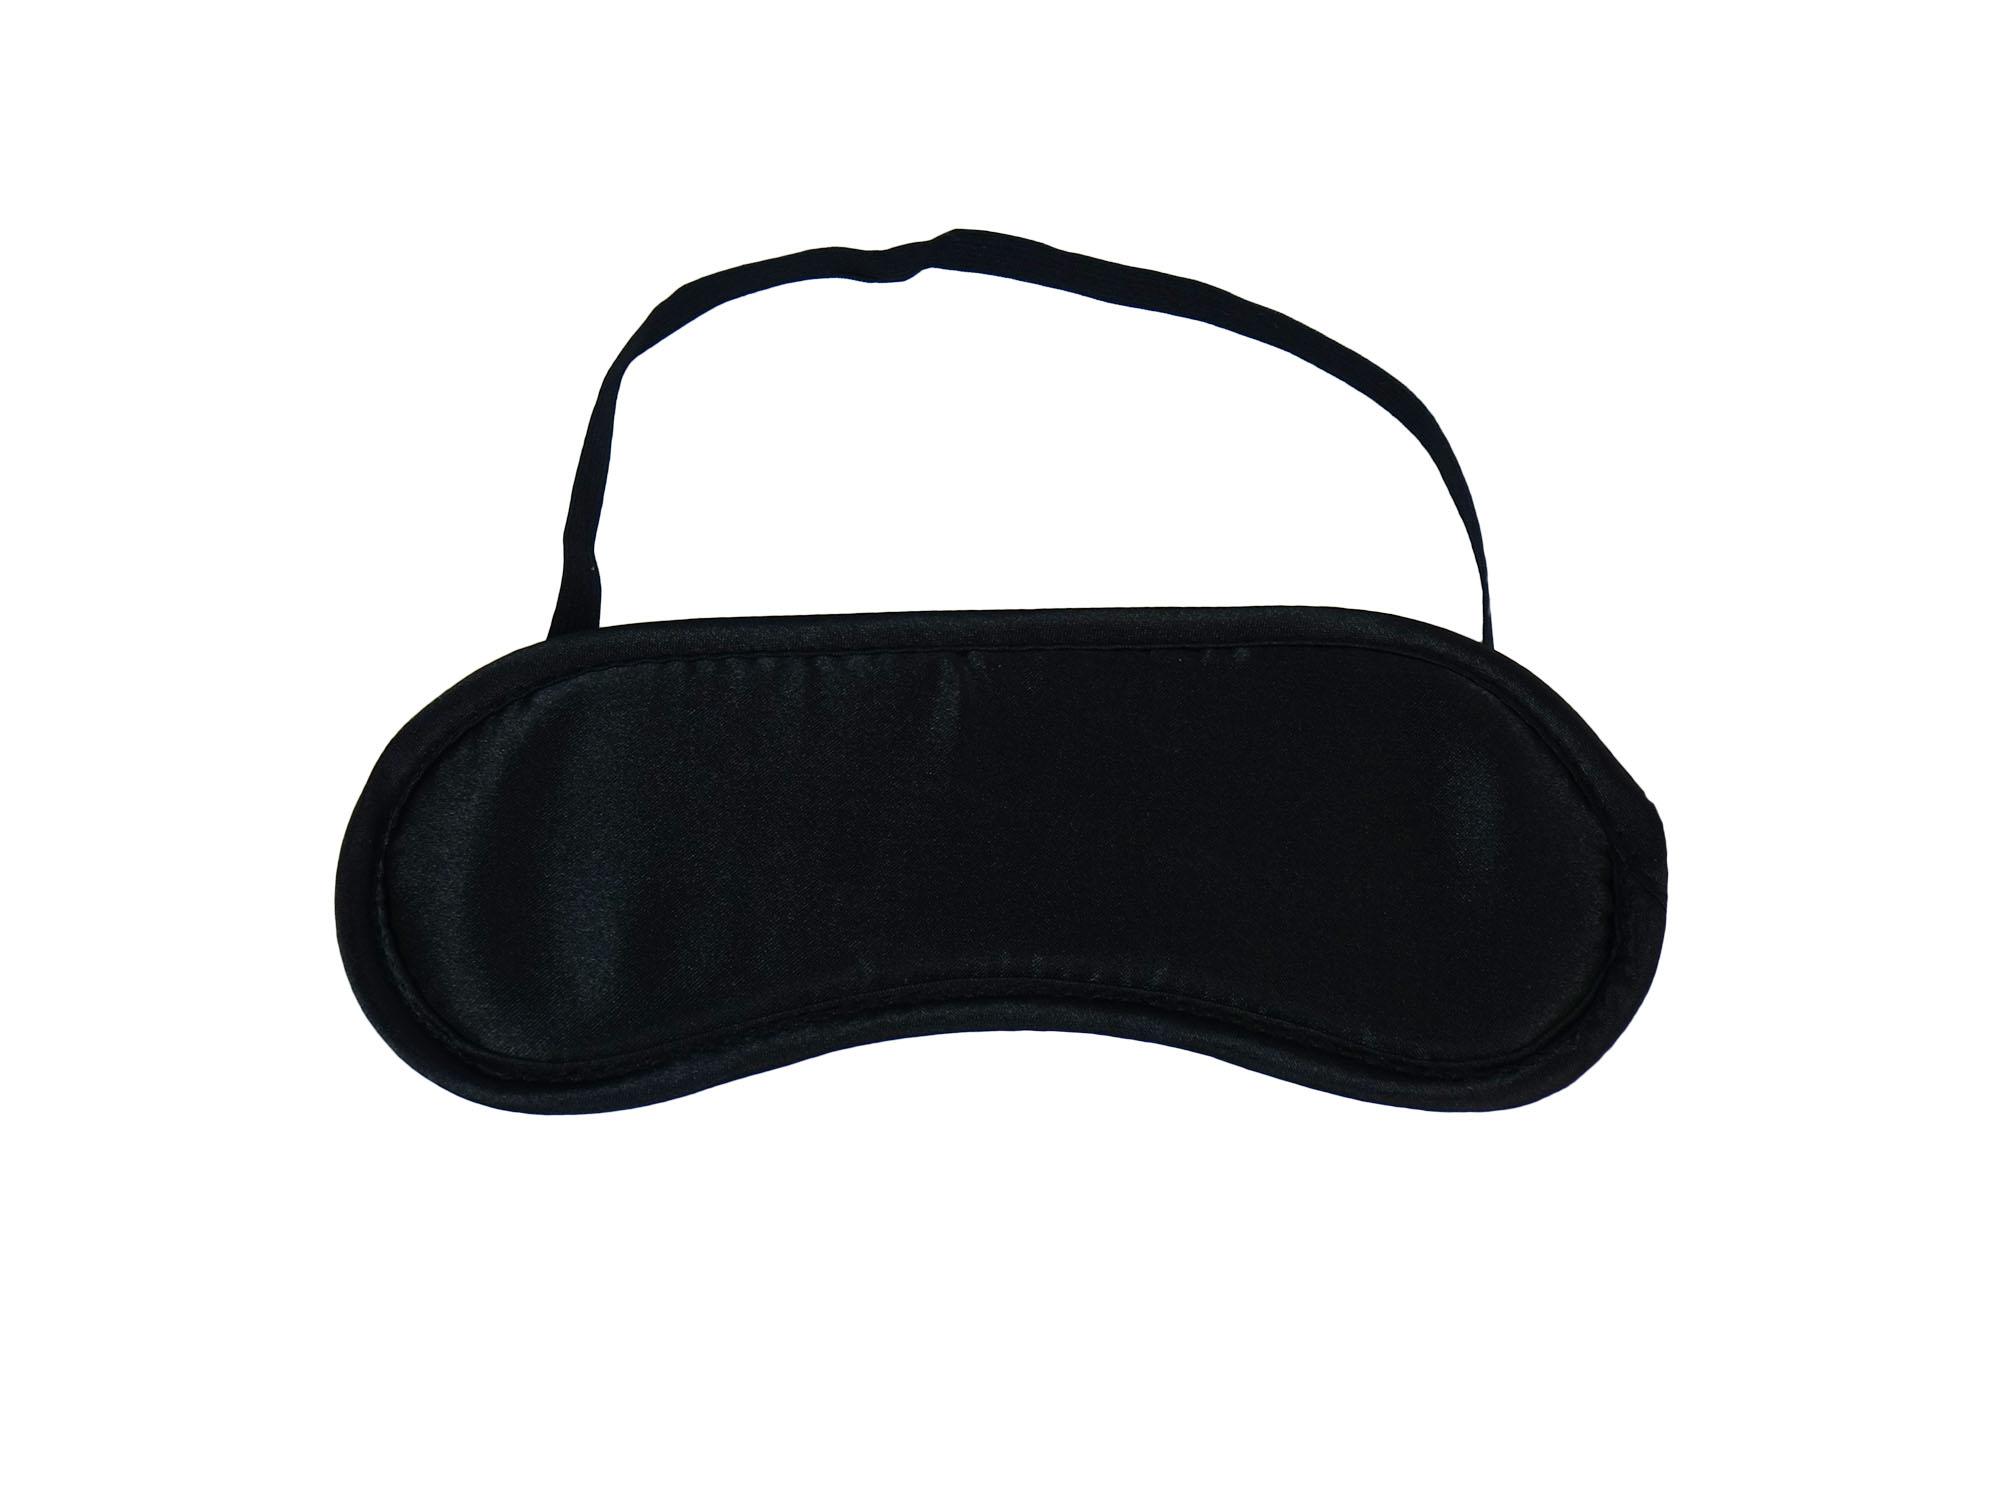 Klassische Satin-Augenmaske - Schlafmaske gepolstert schwarz